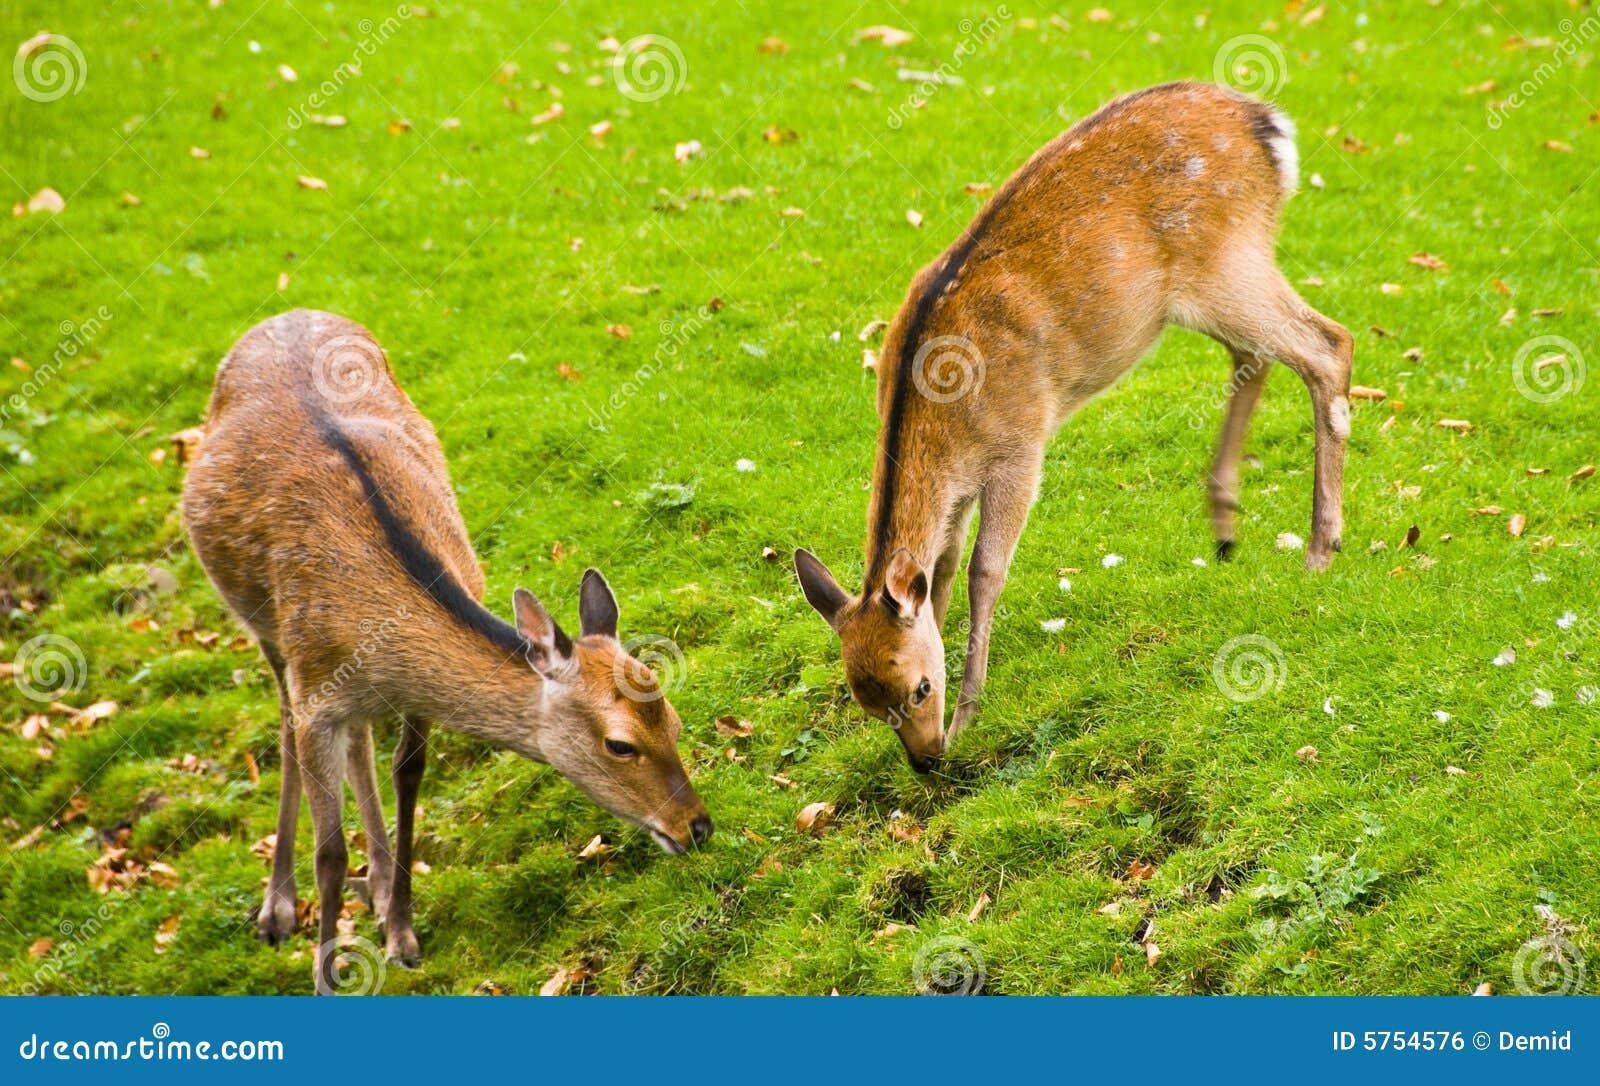 Ungulate Zoo Young Deers Eating Roy...